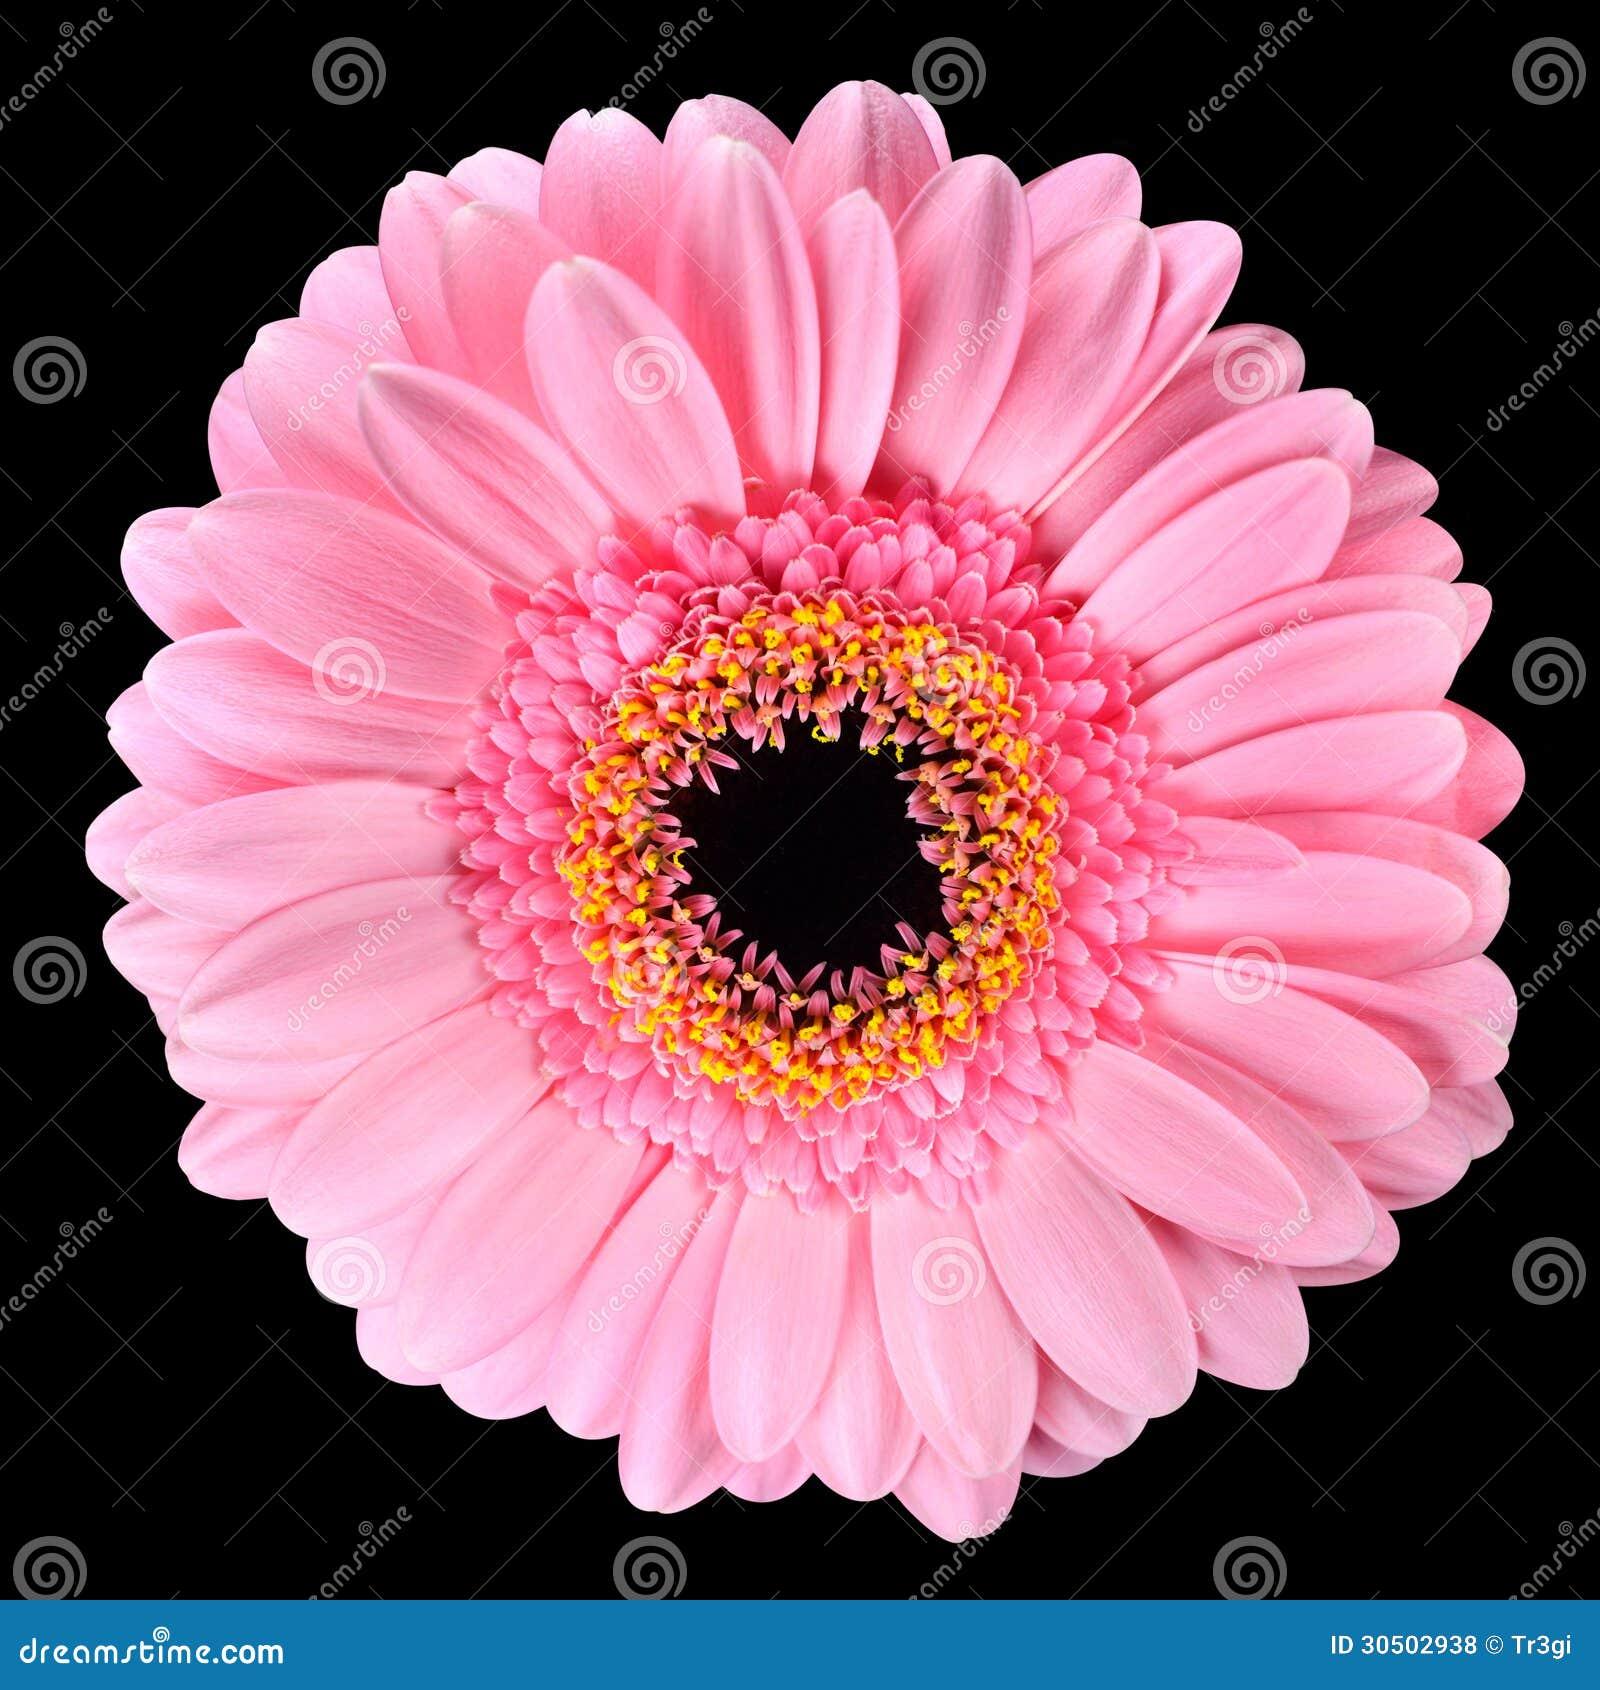 Pink Marigold Comousar